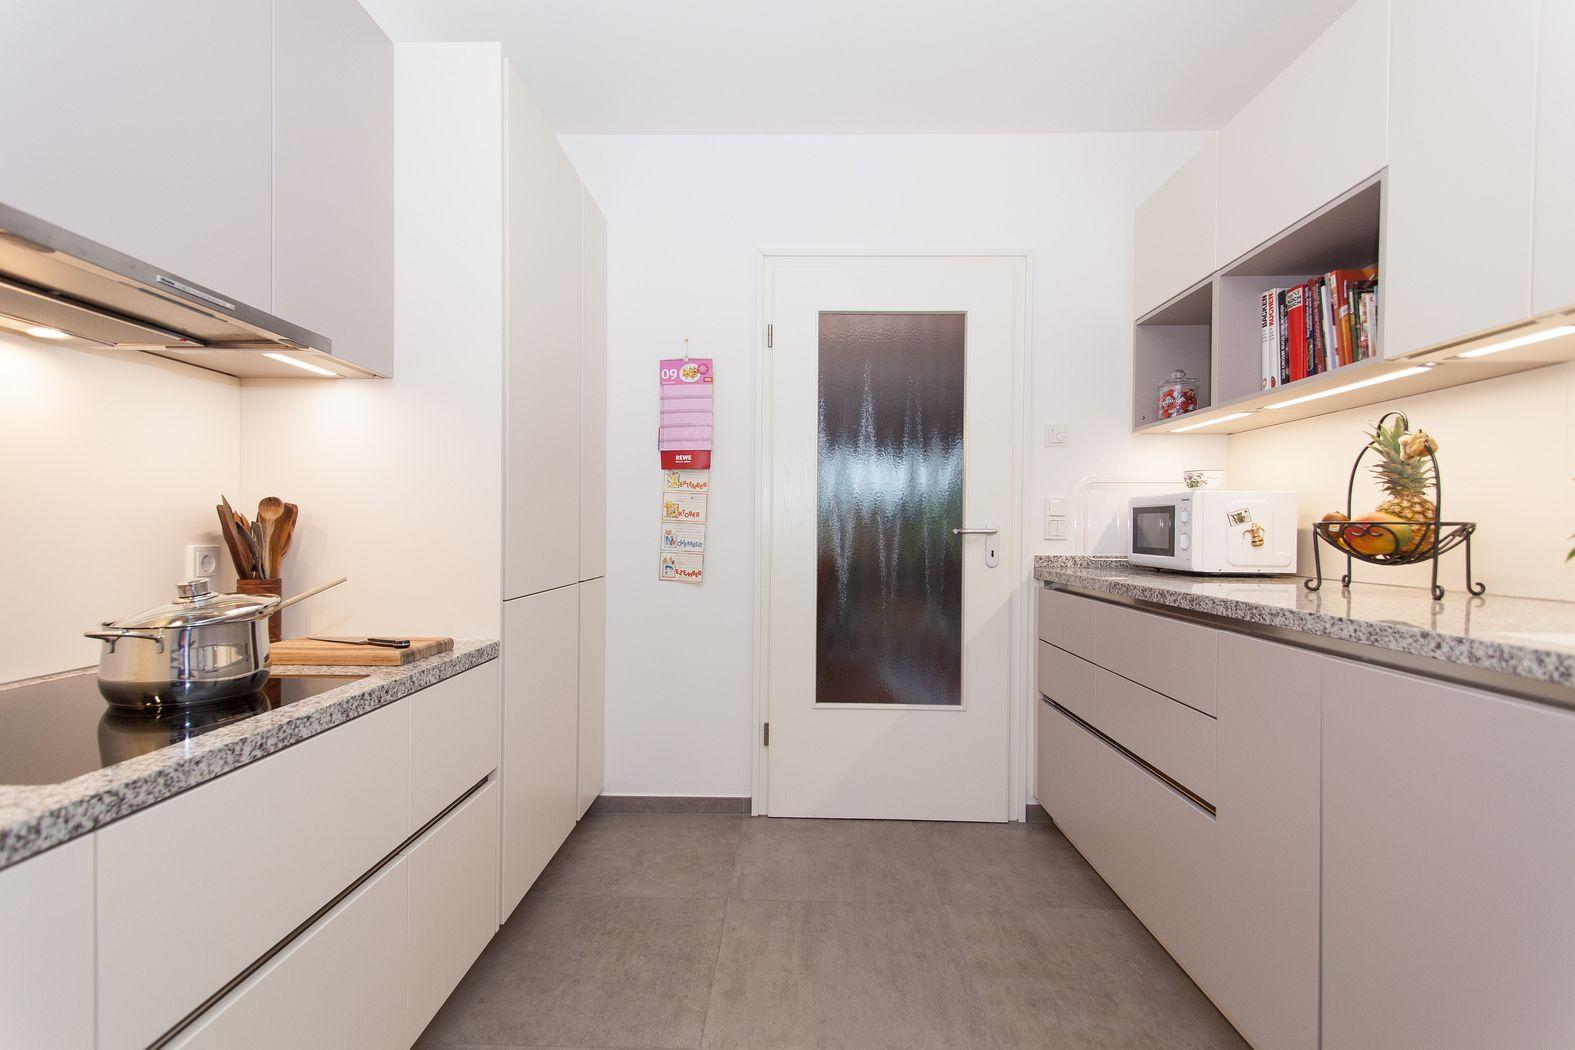 Küchenzeilen  Klassik Küche mit zwei Küchenzeilen und abgesenkter Keramik ...